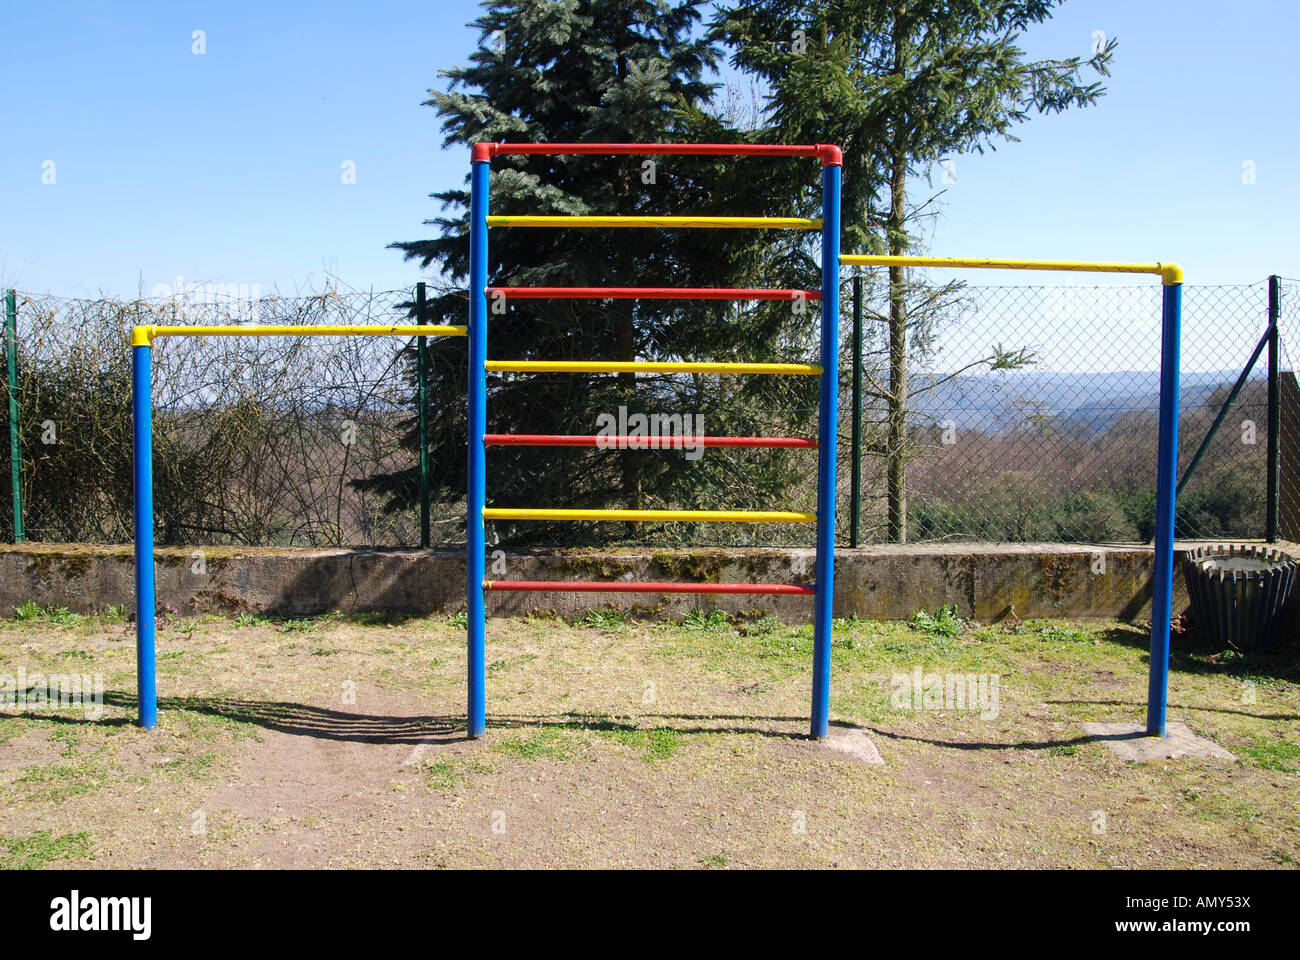 Klettergerüst Monkey Bar Gebraucht : Klettergerüst im park stockfoto bild  alamy